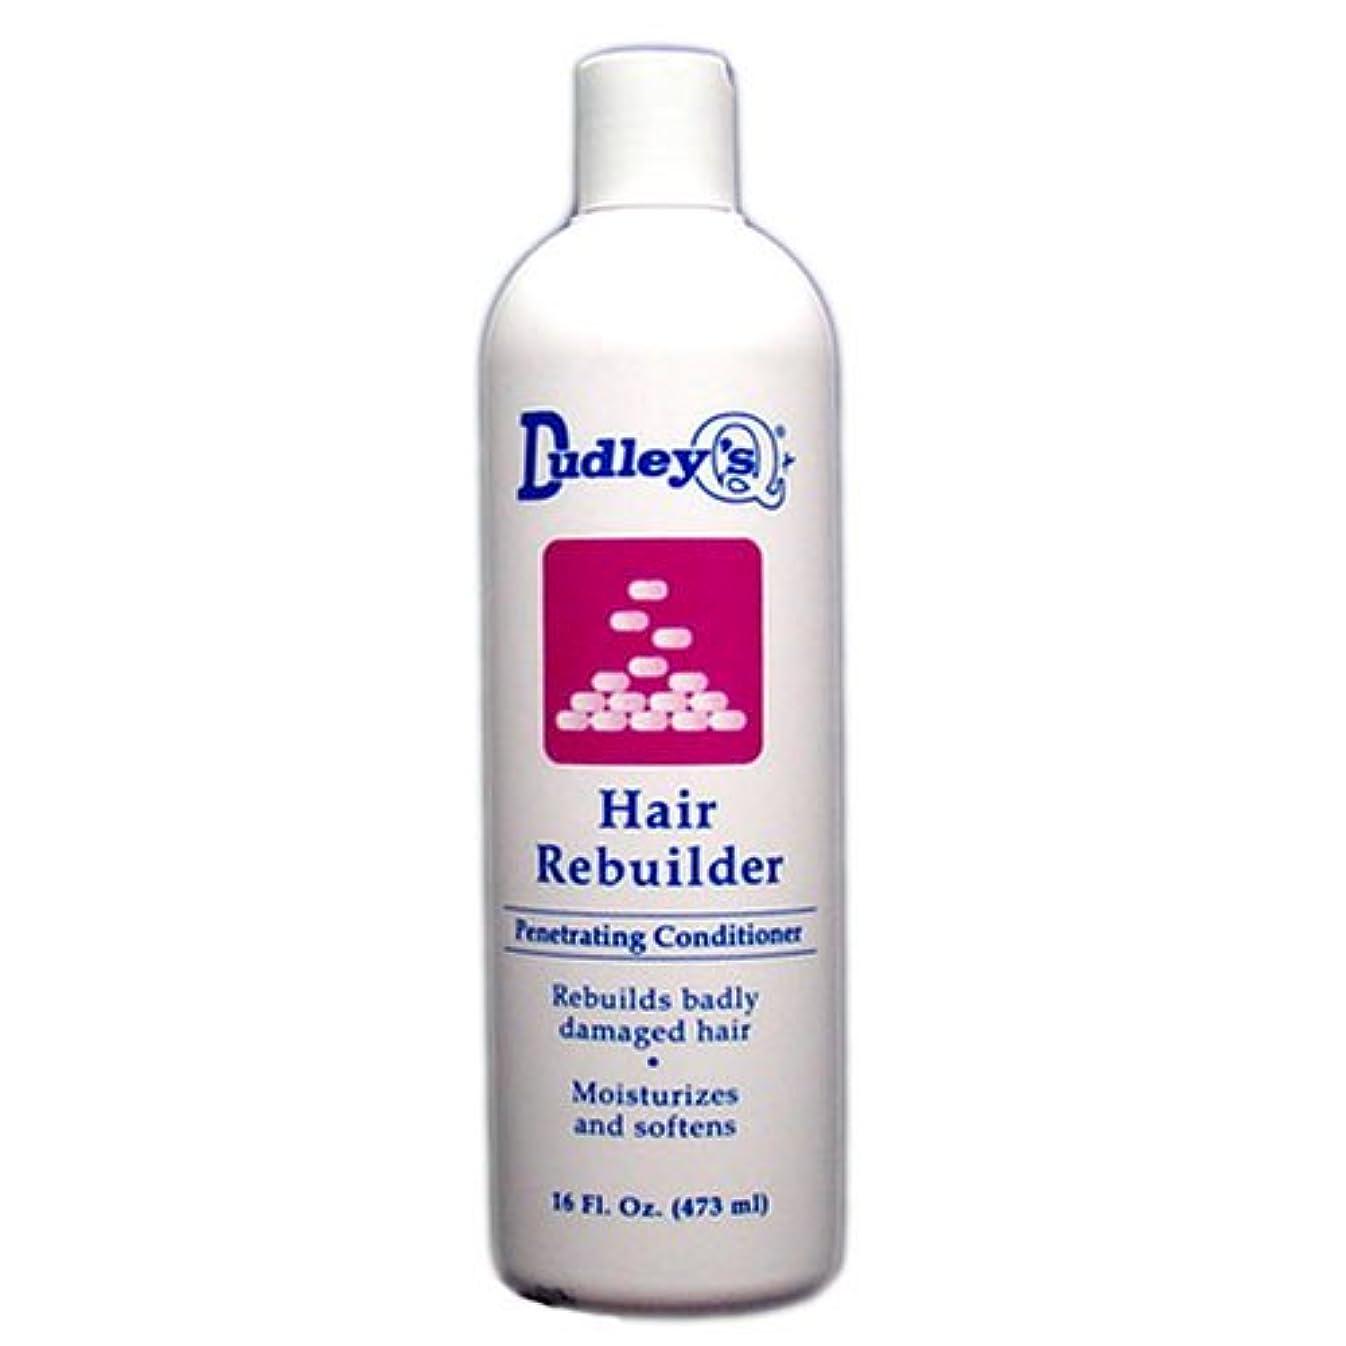 可能にするほめる松の木Dudley's 髪の再建浸透性コンディショナー、16オンス 16オンス